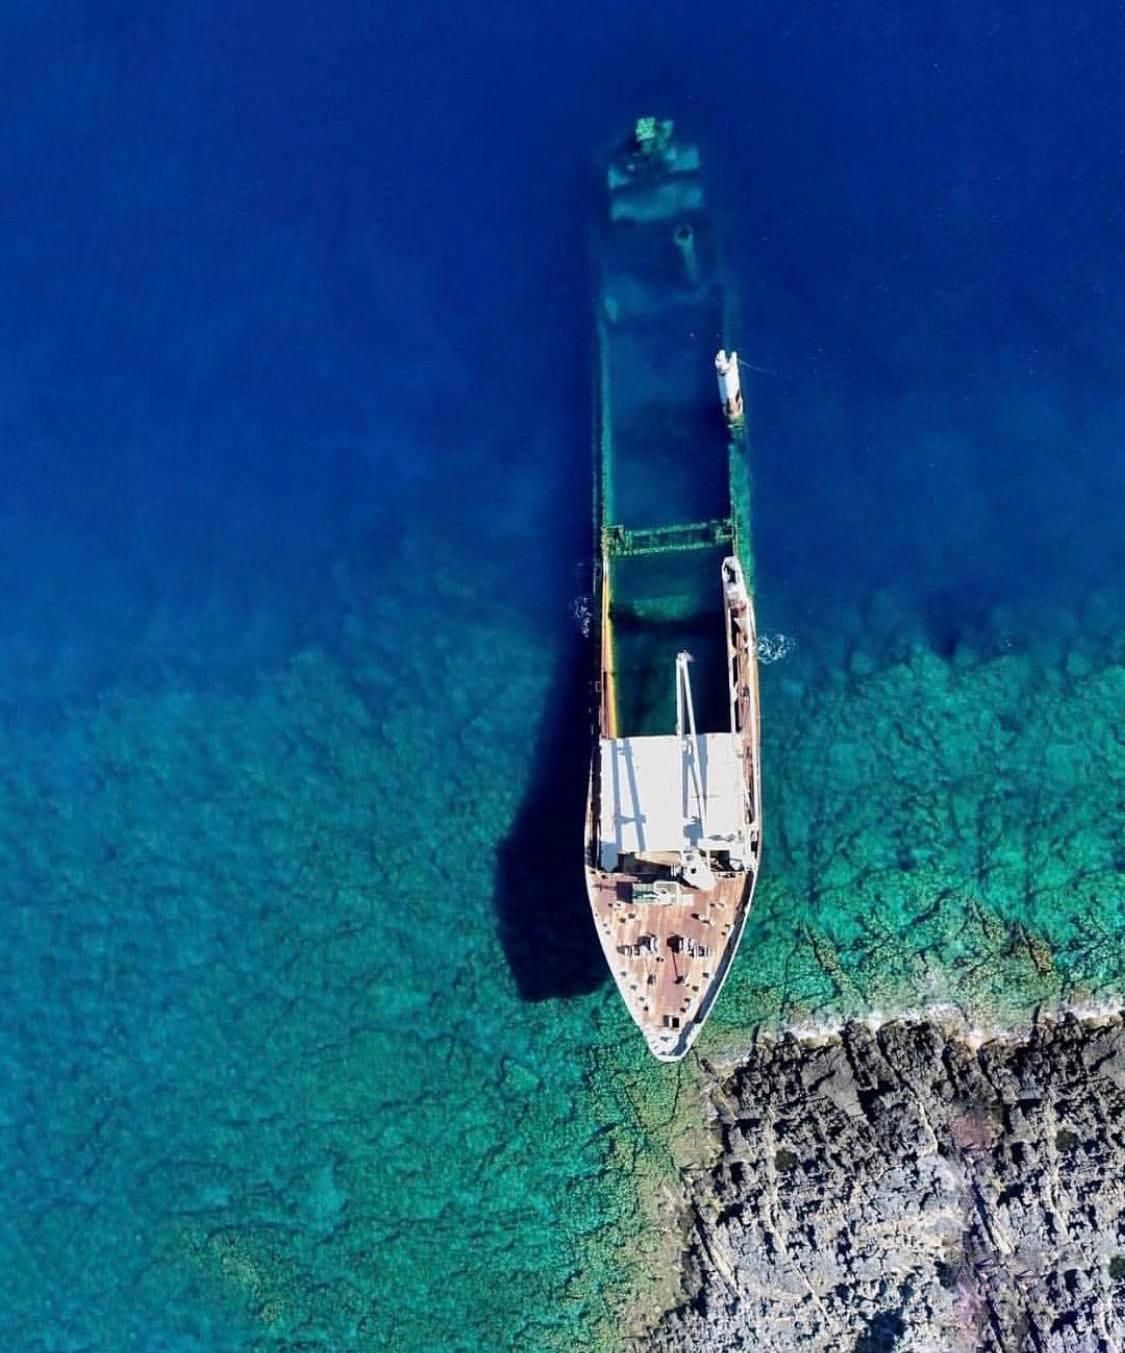 Έριξε τις τιμές και σάρωσε: Το νησί που μάζεψε όλο τον κόσμο φέτος είναι η έκπληξη του καλοκαιριού (Pics)